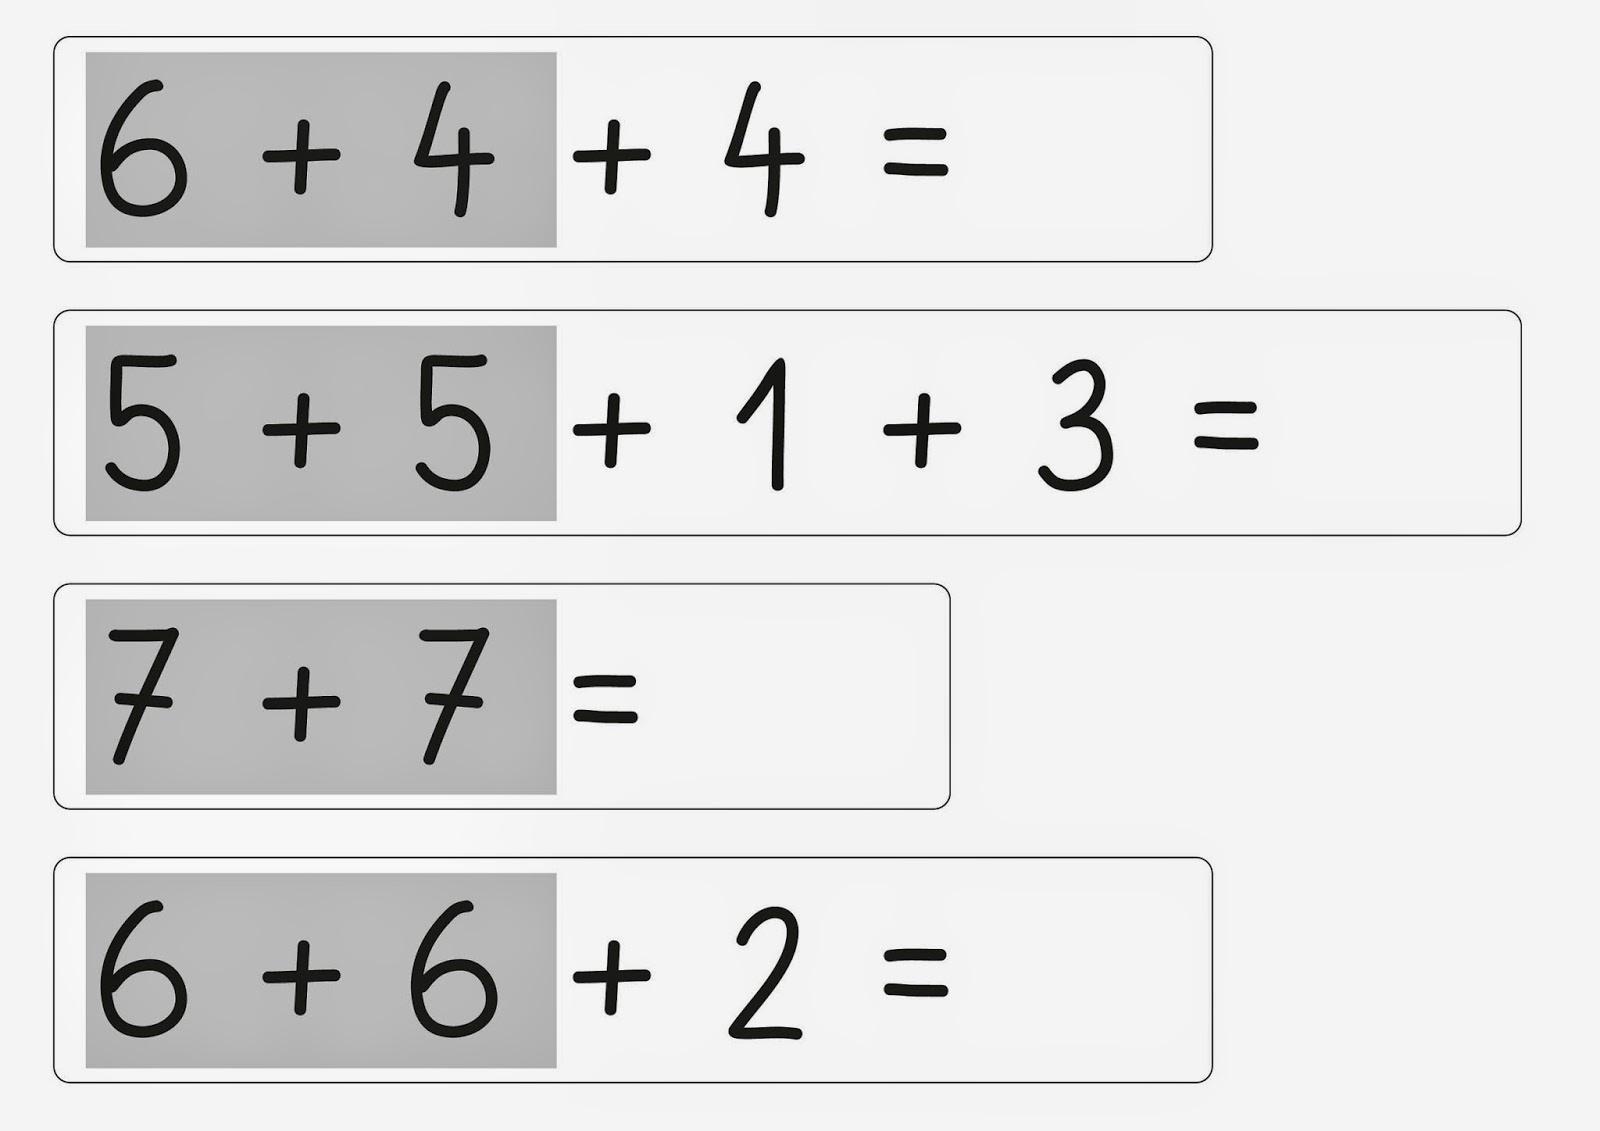 Ungewöhnlich Springen Mathe Klasse 6 Arbeitsblatt Fotos - Super ...